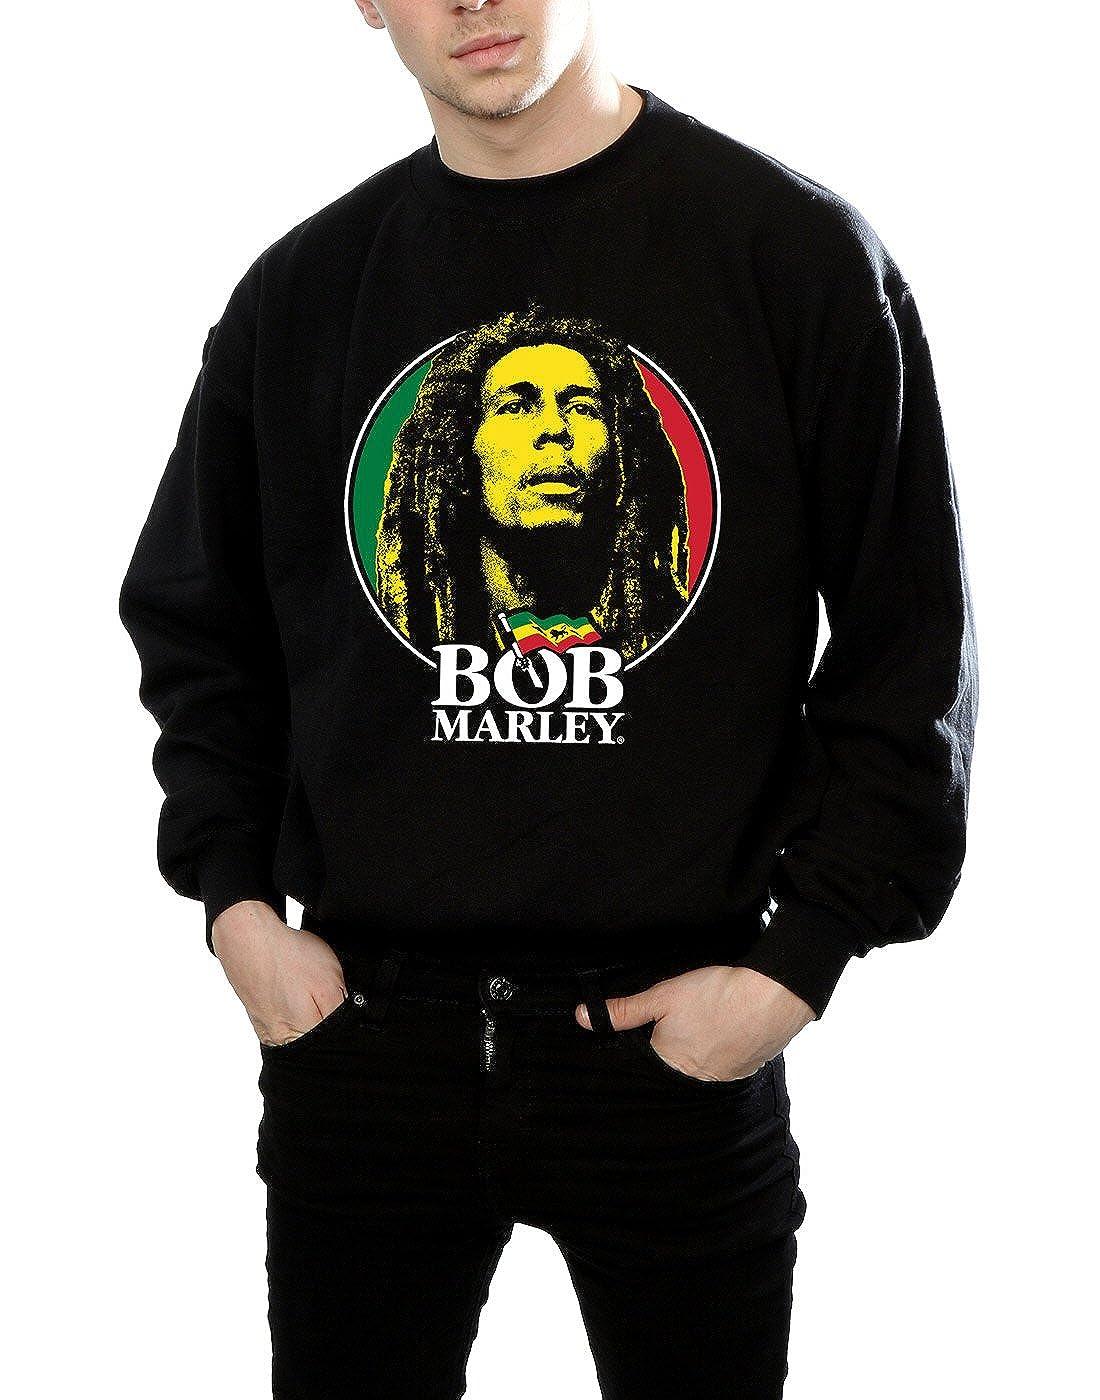 Bob Marley Hombre Logo Badge Camisa De Entrenamiento: Amazon.es: Ropa y accesorios